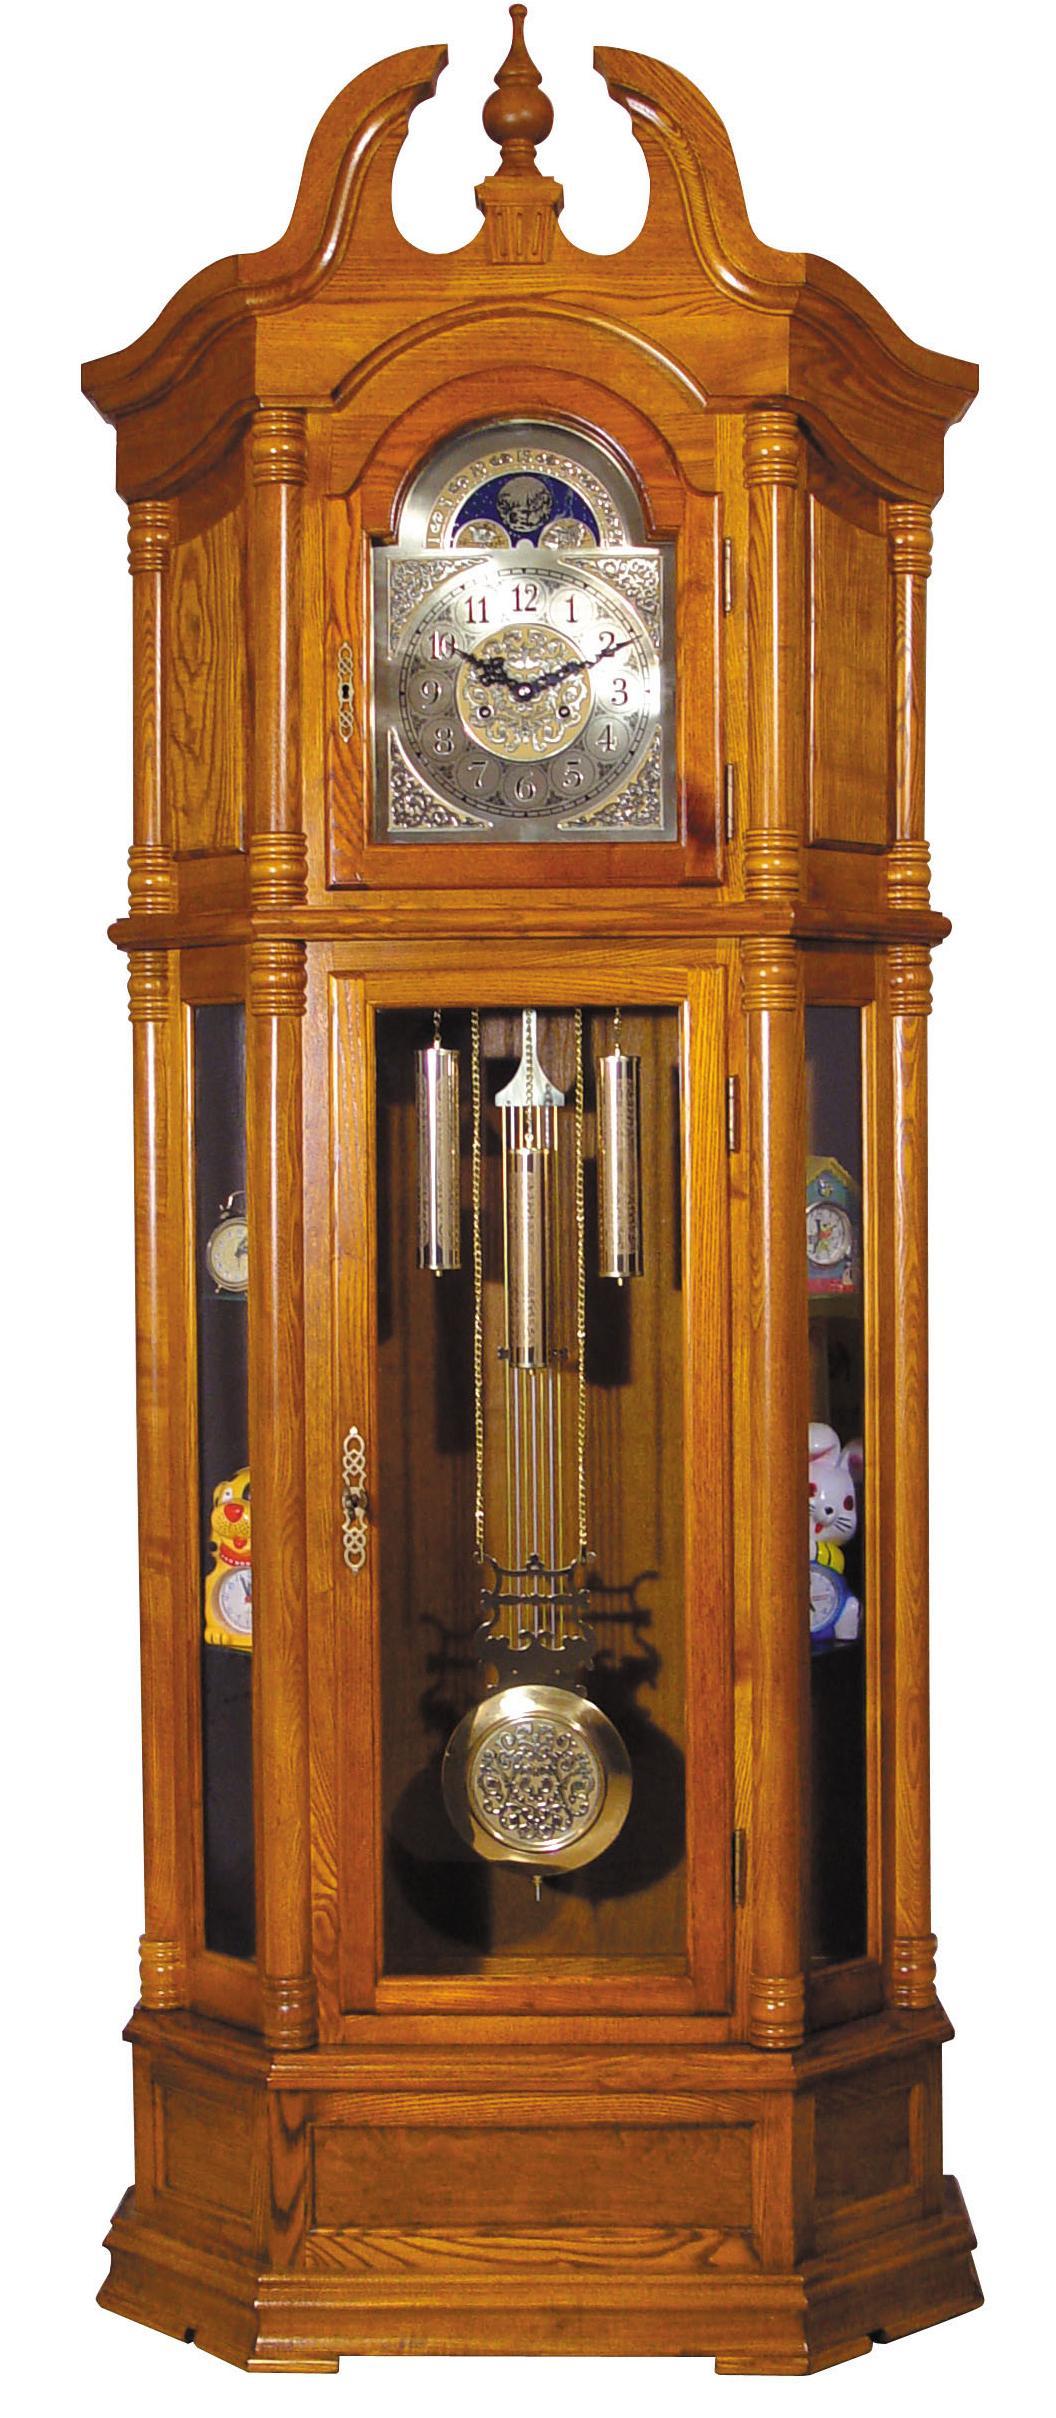 Acme Furniture Grandfather Clocks Oak Finish Grandfather Clock - Item Number: 01410